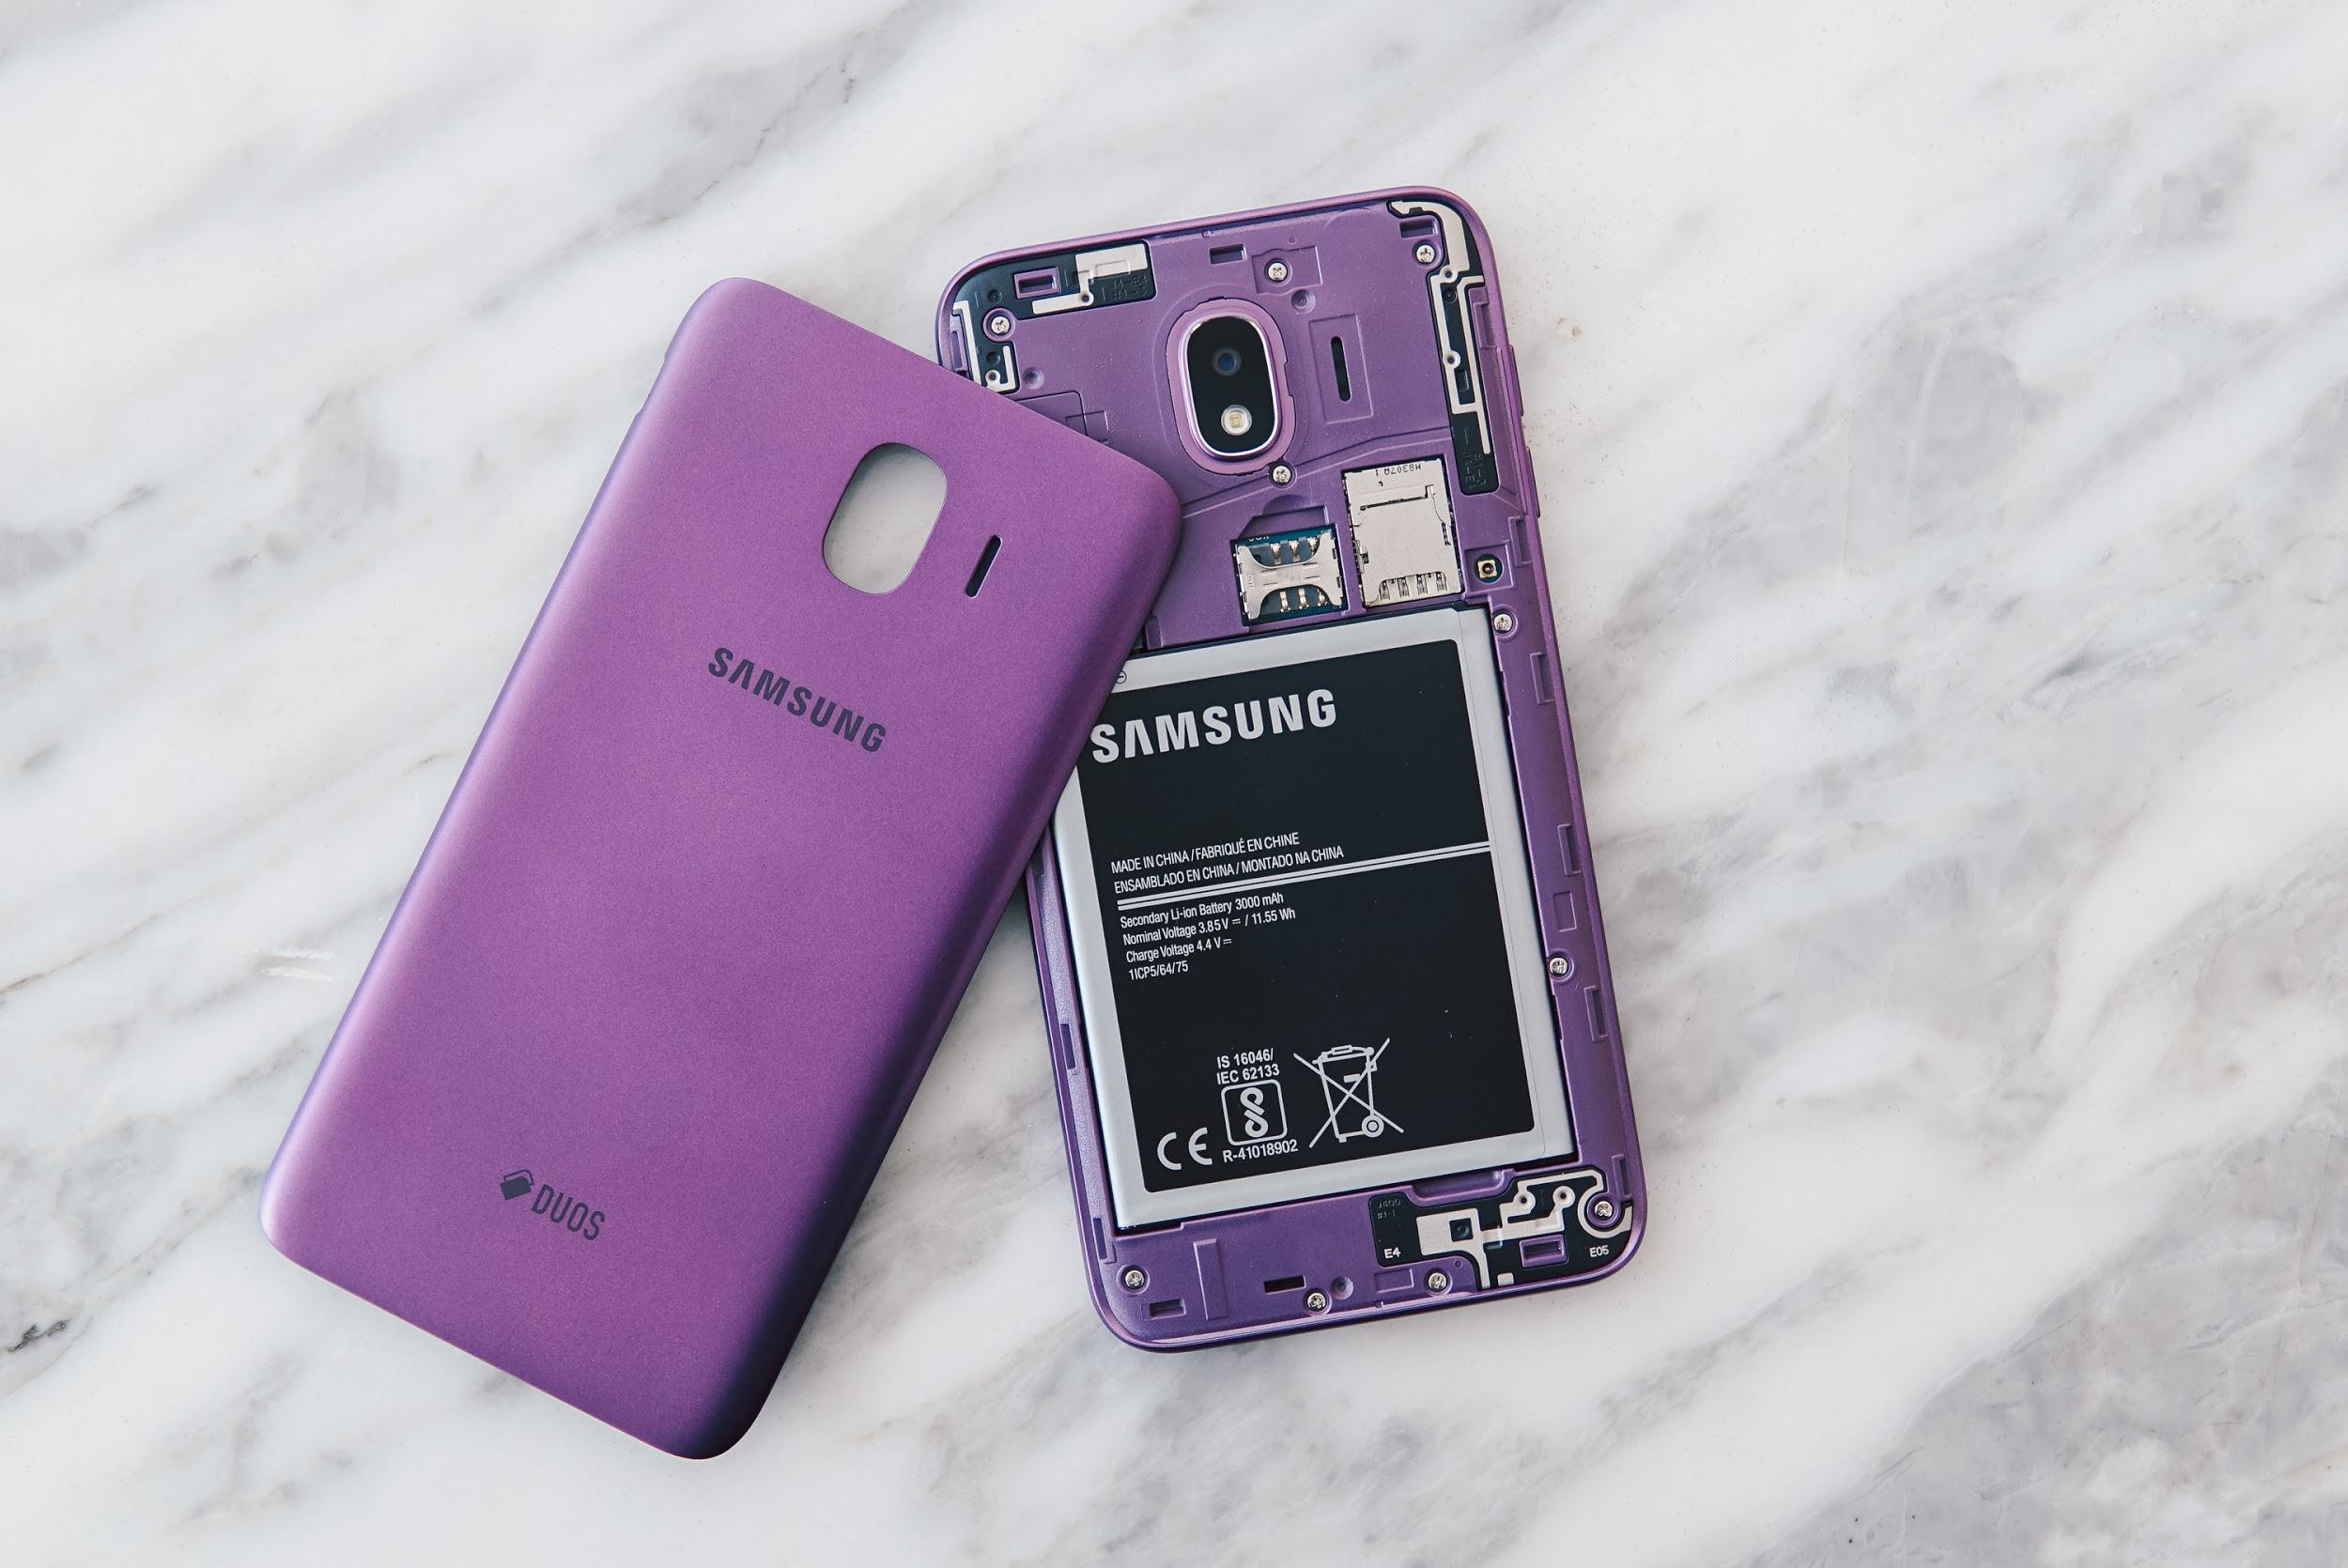 Đánh giá Galaxy J6/J4: Rẻ nhưng vẫn đủ chất - Ảnh 4.